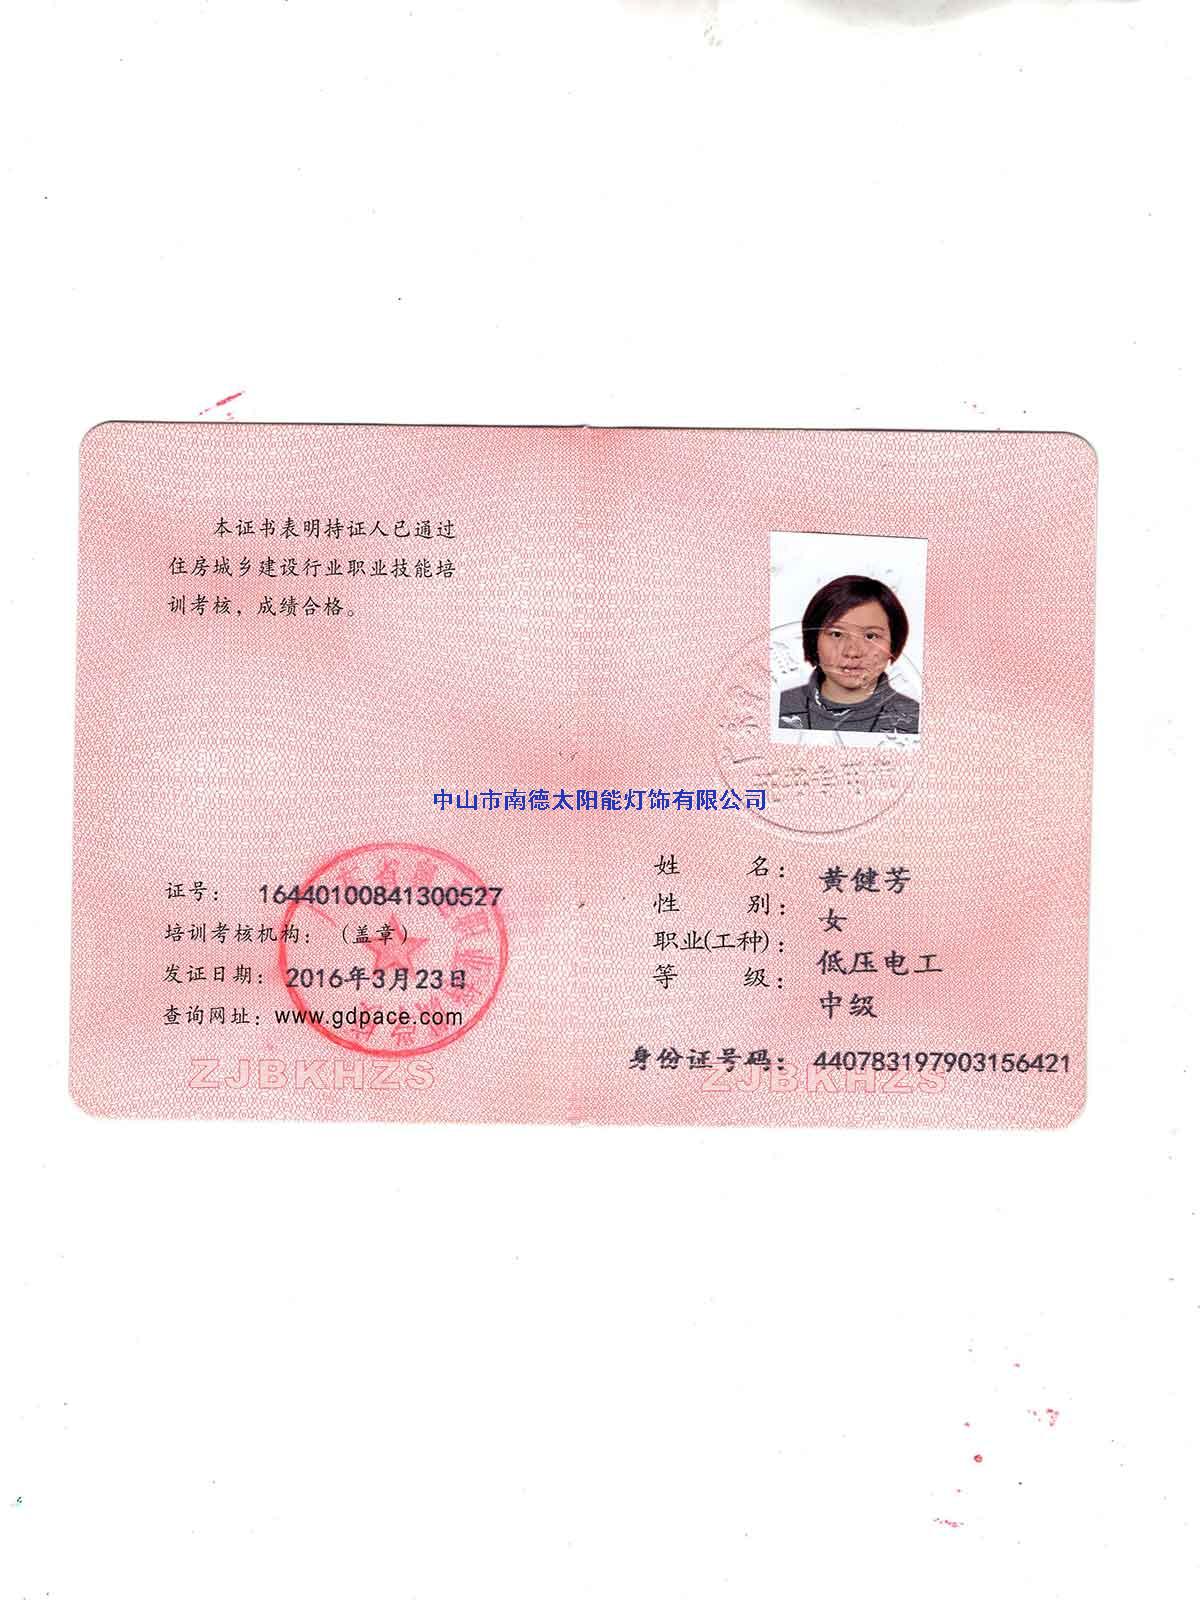 低压电工证-黄健芳